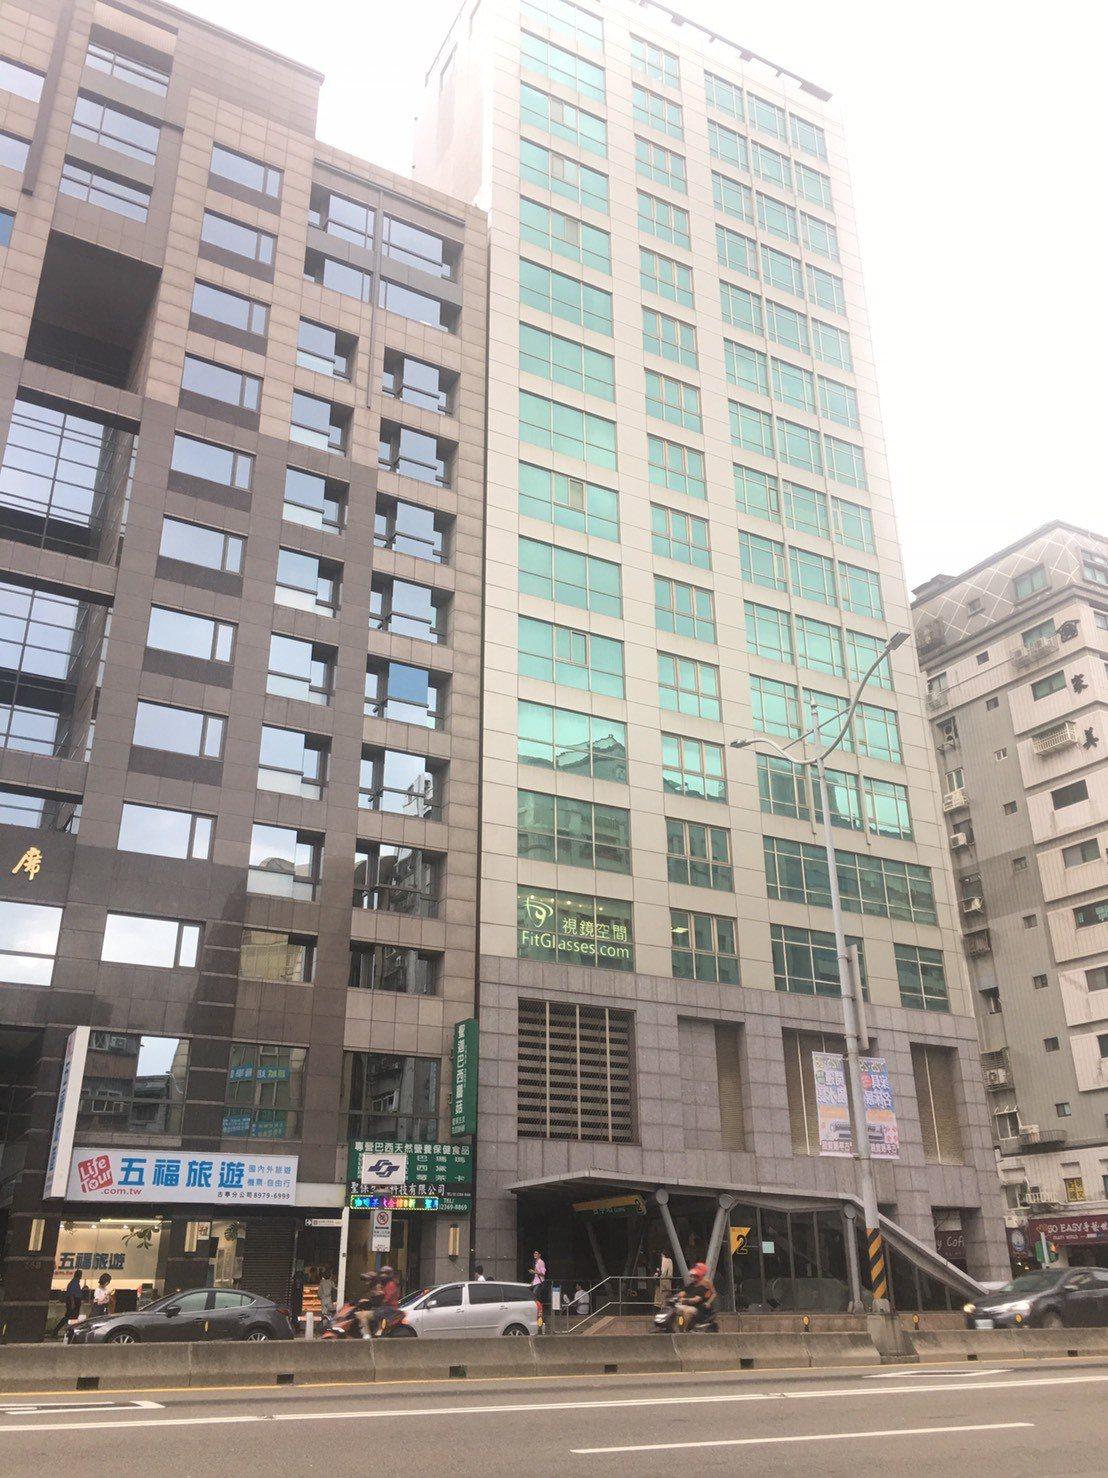 喜憨兒福利基金會欲進駐「奧斯町公寓大厦」遭拒。記者魏莨伊/攝影